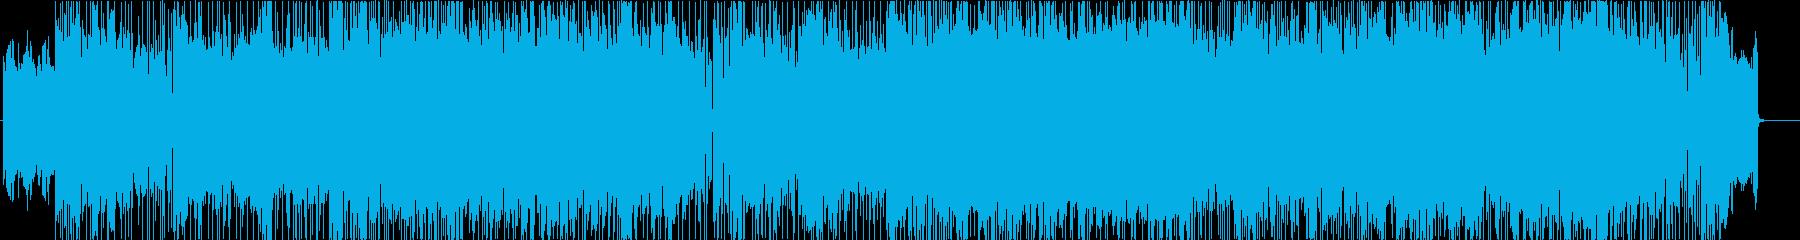 ブルージーなギターロックインストの再生済みの波形